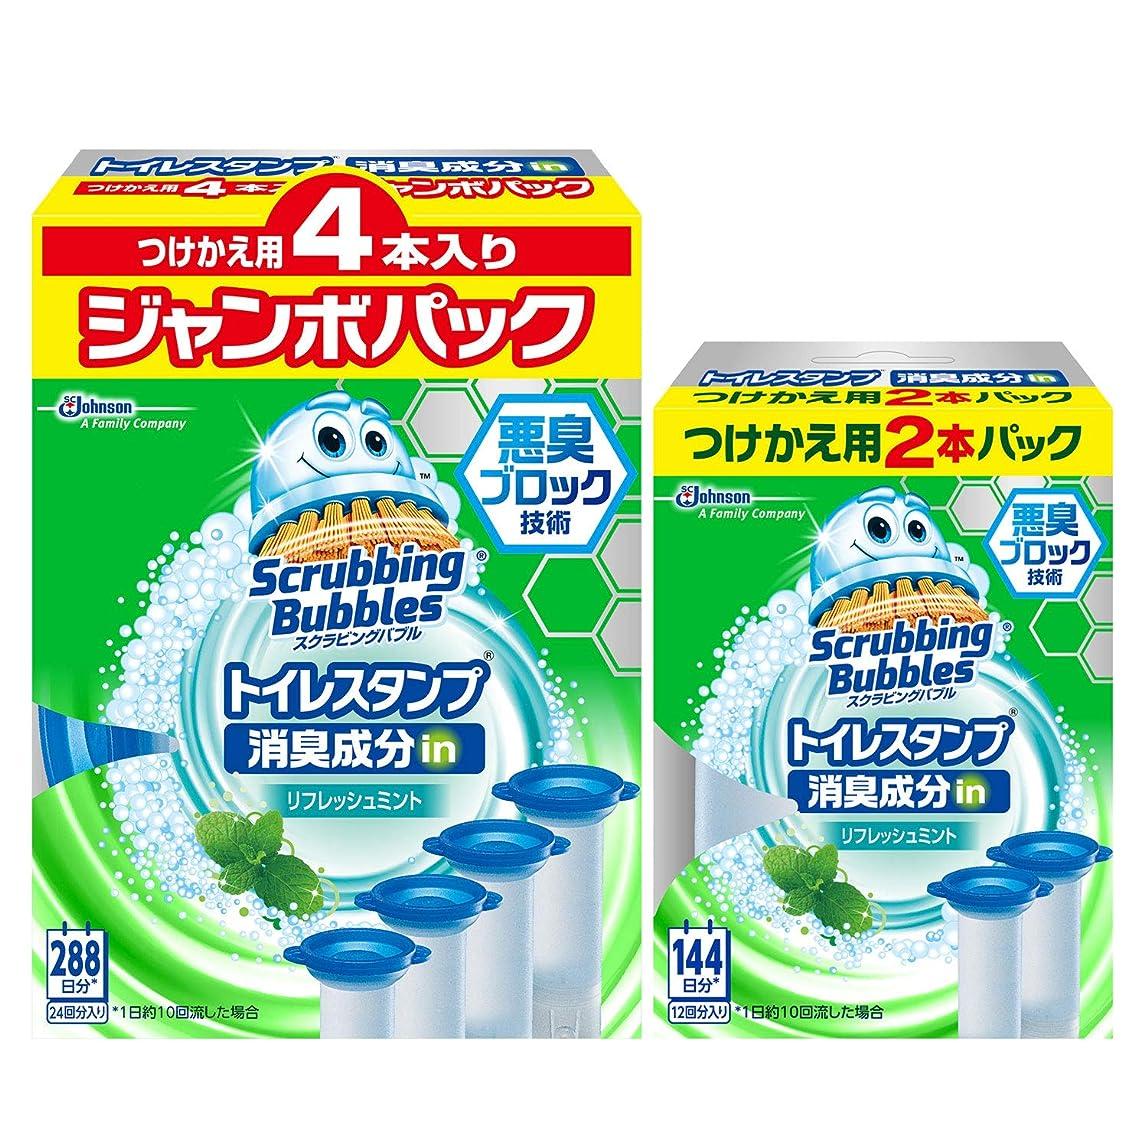 米ドル安いです気づく【Amazon.co.jp 限定】【まとめ買い】 スクラビングバブル トイレ洗剤 トイレスタンプ 消臭成分in リフレッシュミントの香り 付替用(2本入り)+ジャンボパック(4本入り) 6本セット 36スタンプ分